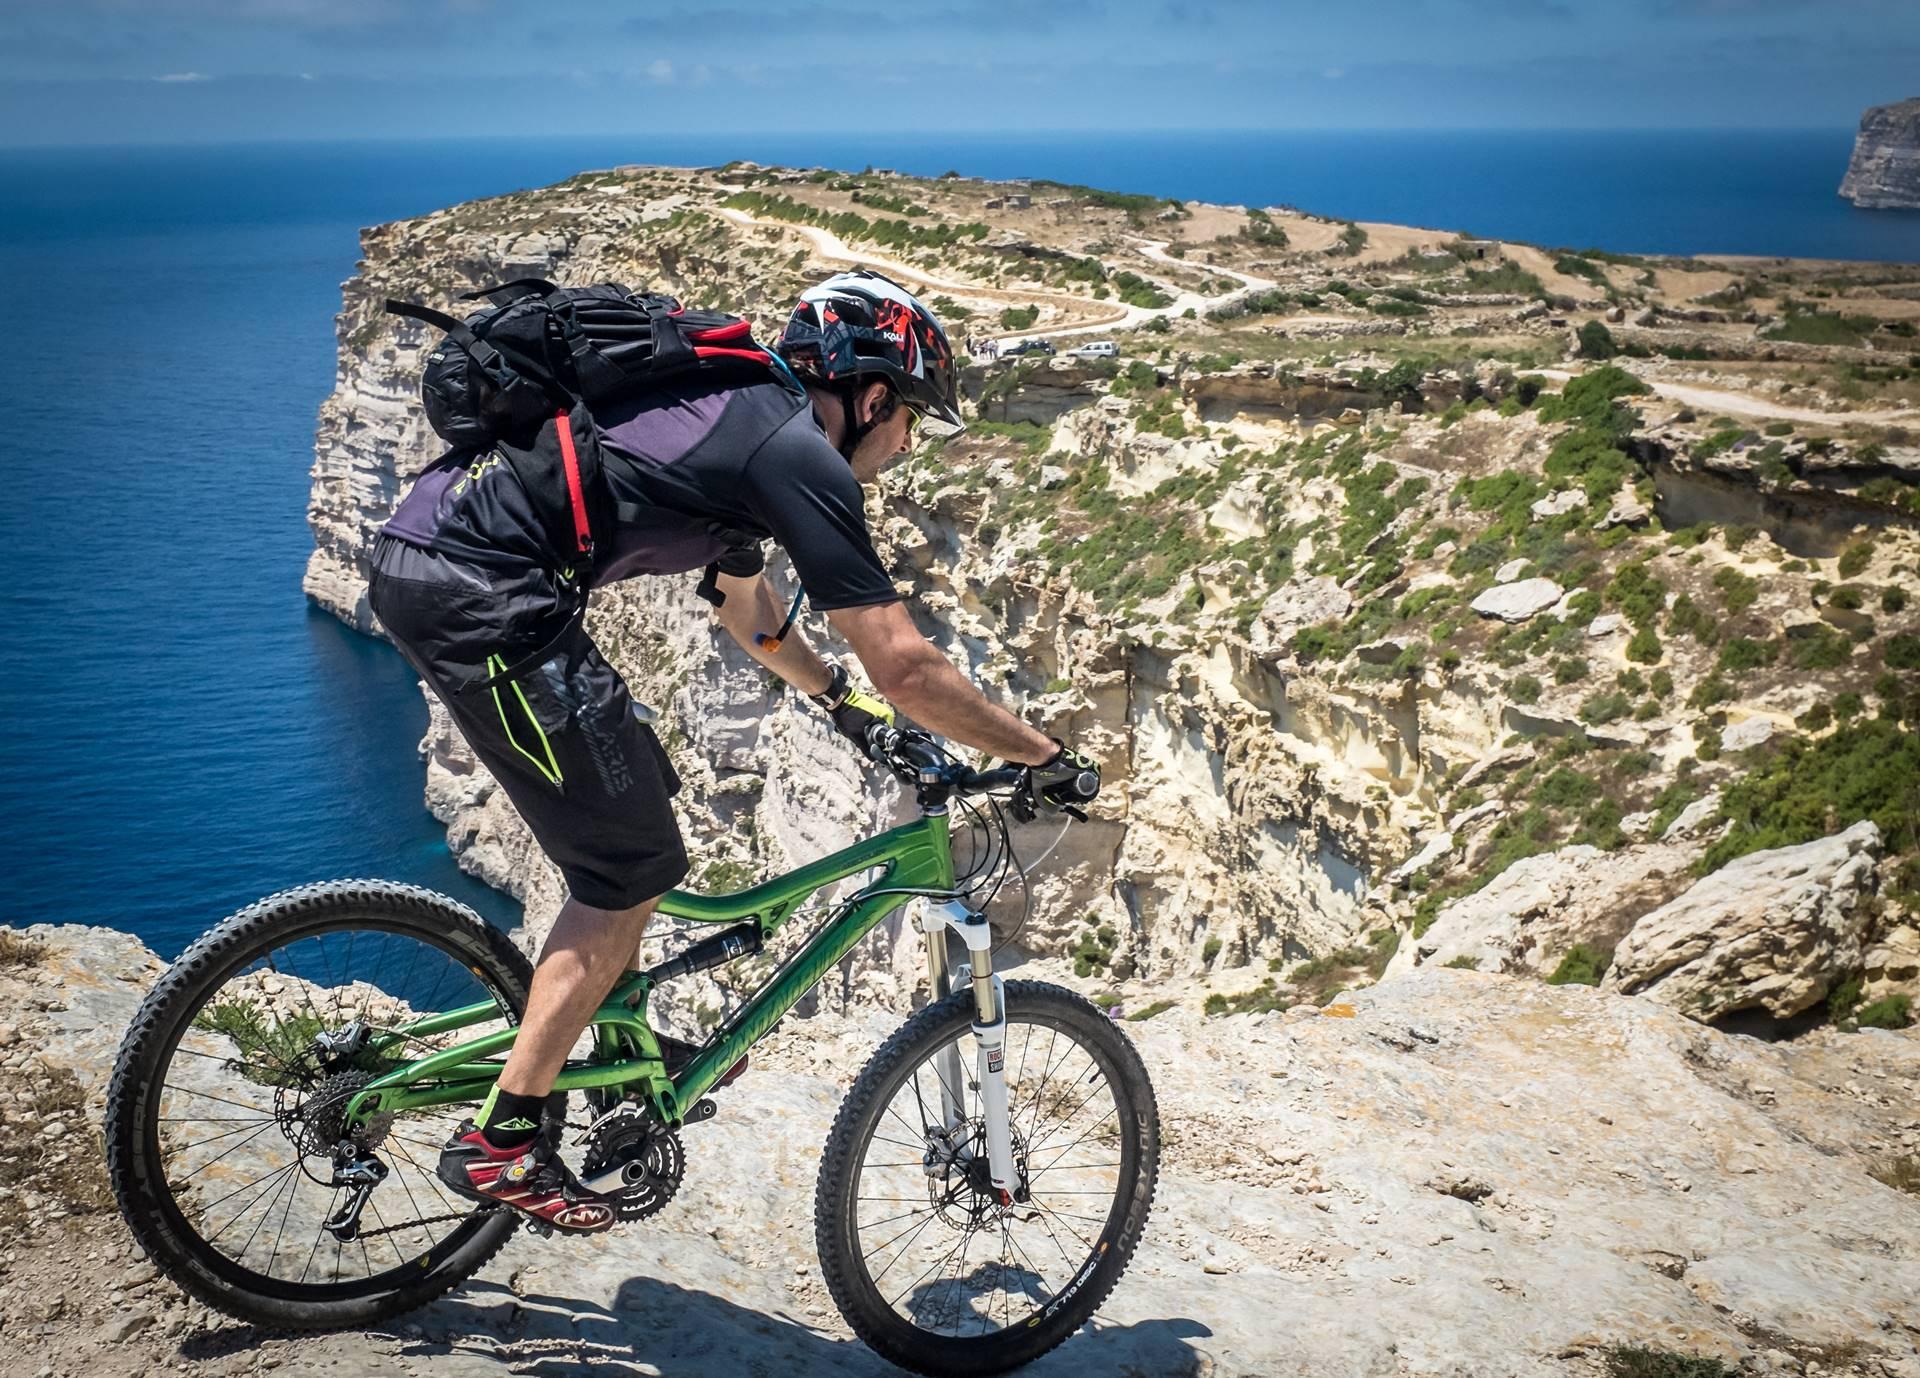 Máltaktív, fedezd fel a máltai szigetek sportos oldalát!-2